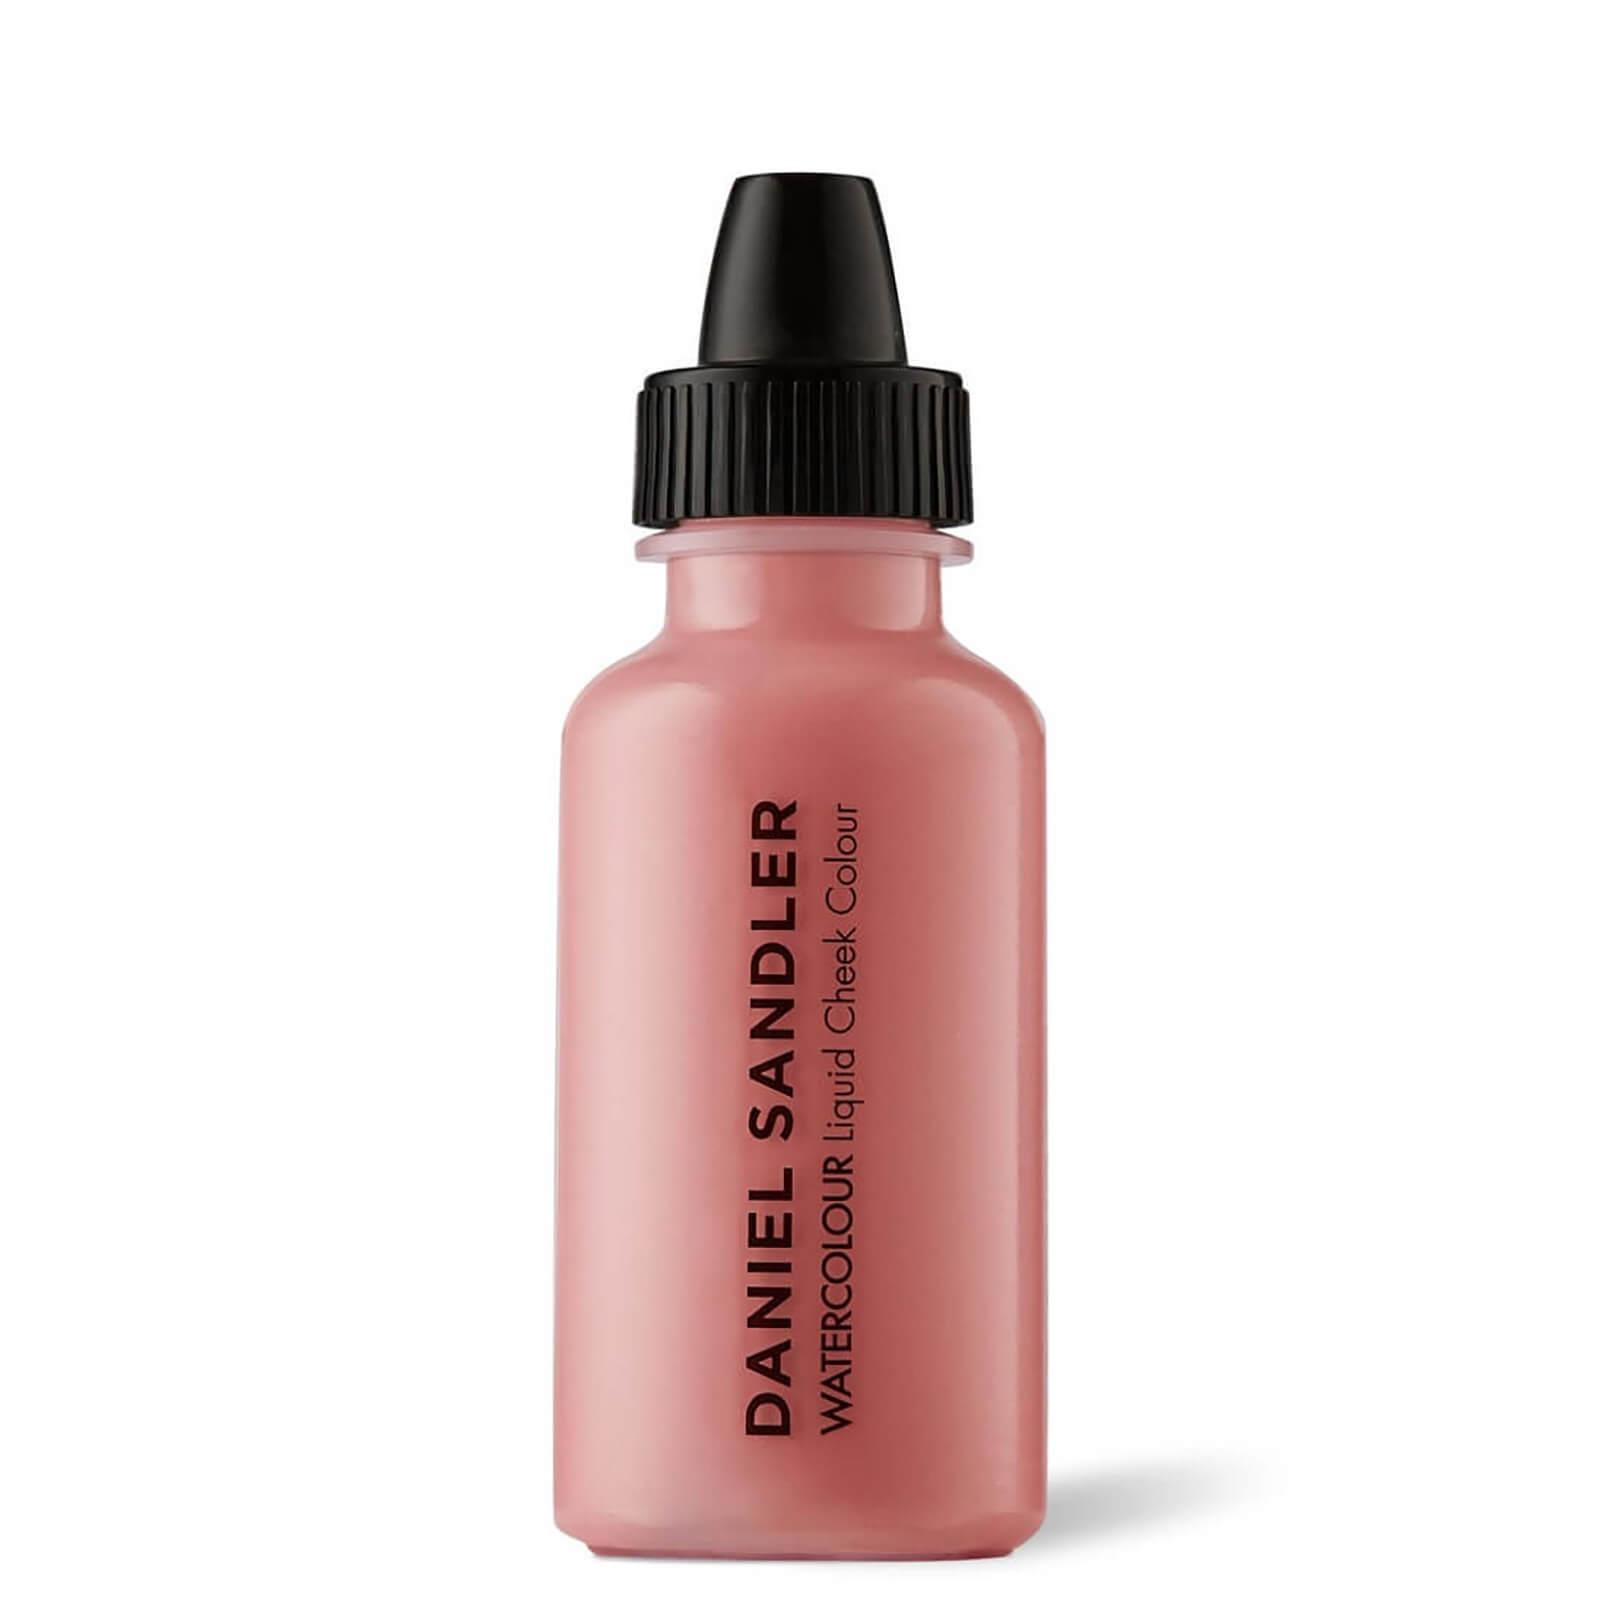 Купить Жидкие румяна Daniel Sandler Watercolour Fluid Blusher 15 мл (различные оттенки) - Cherub